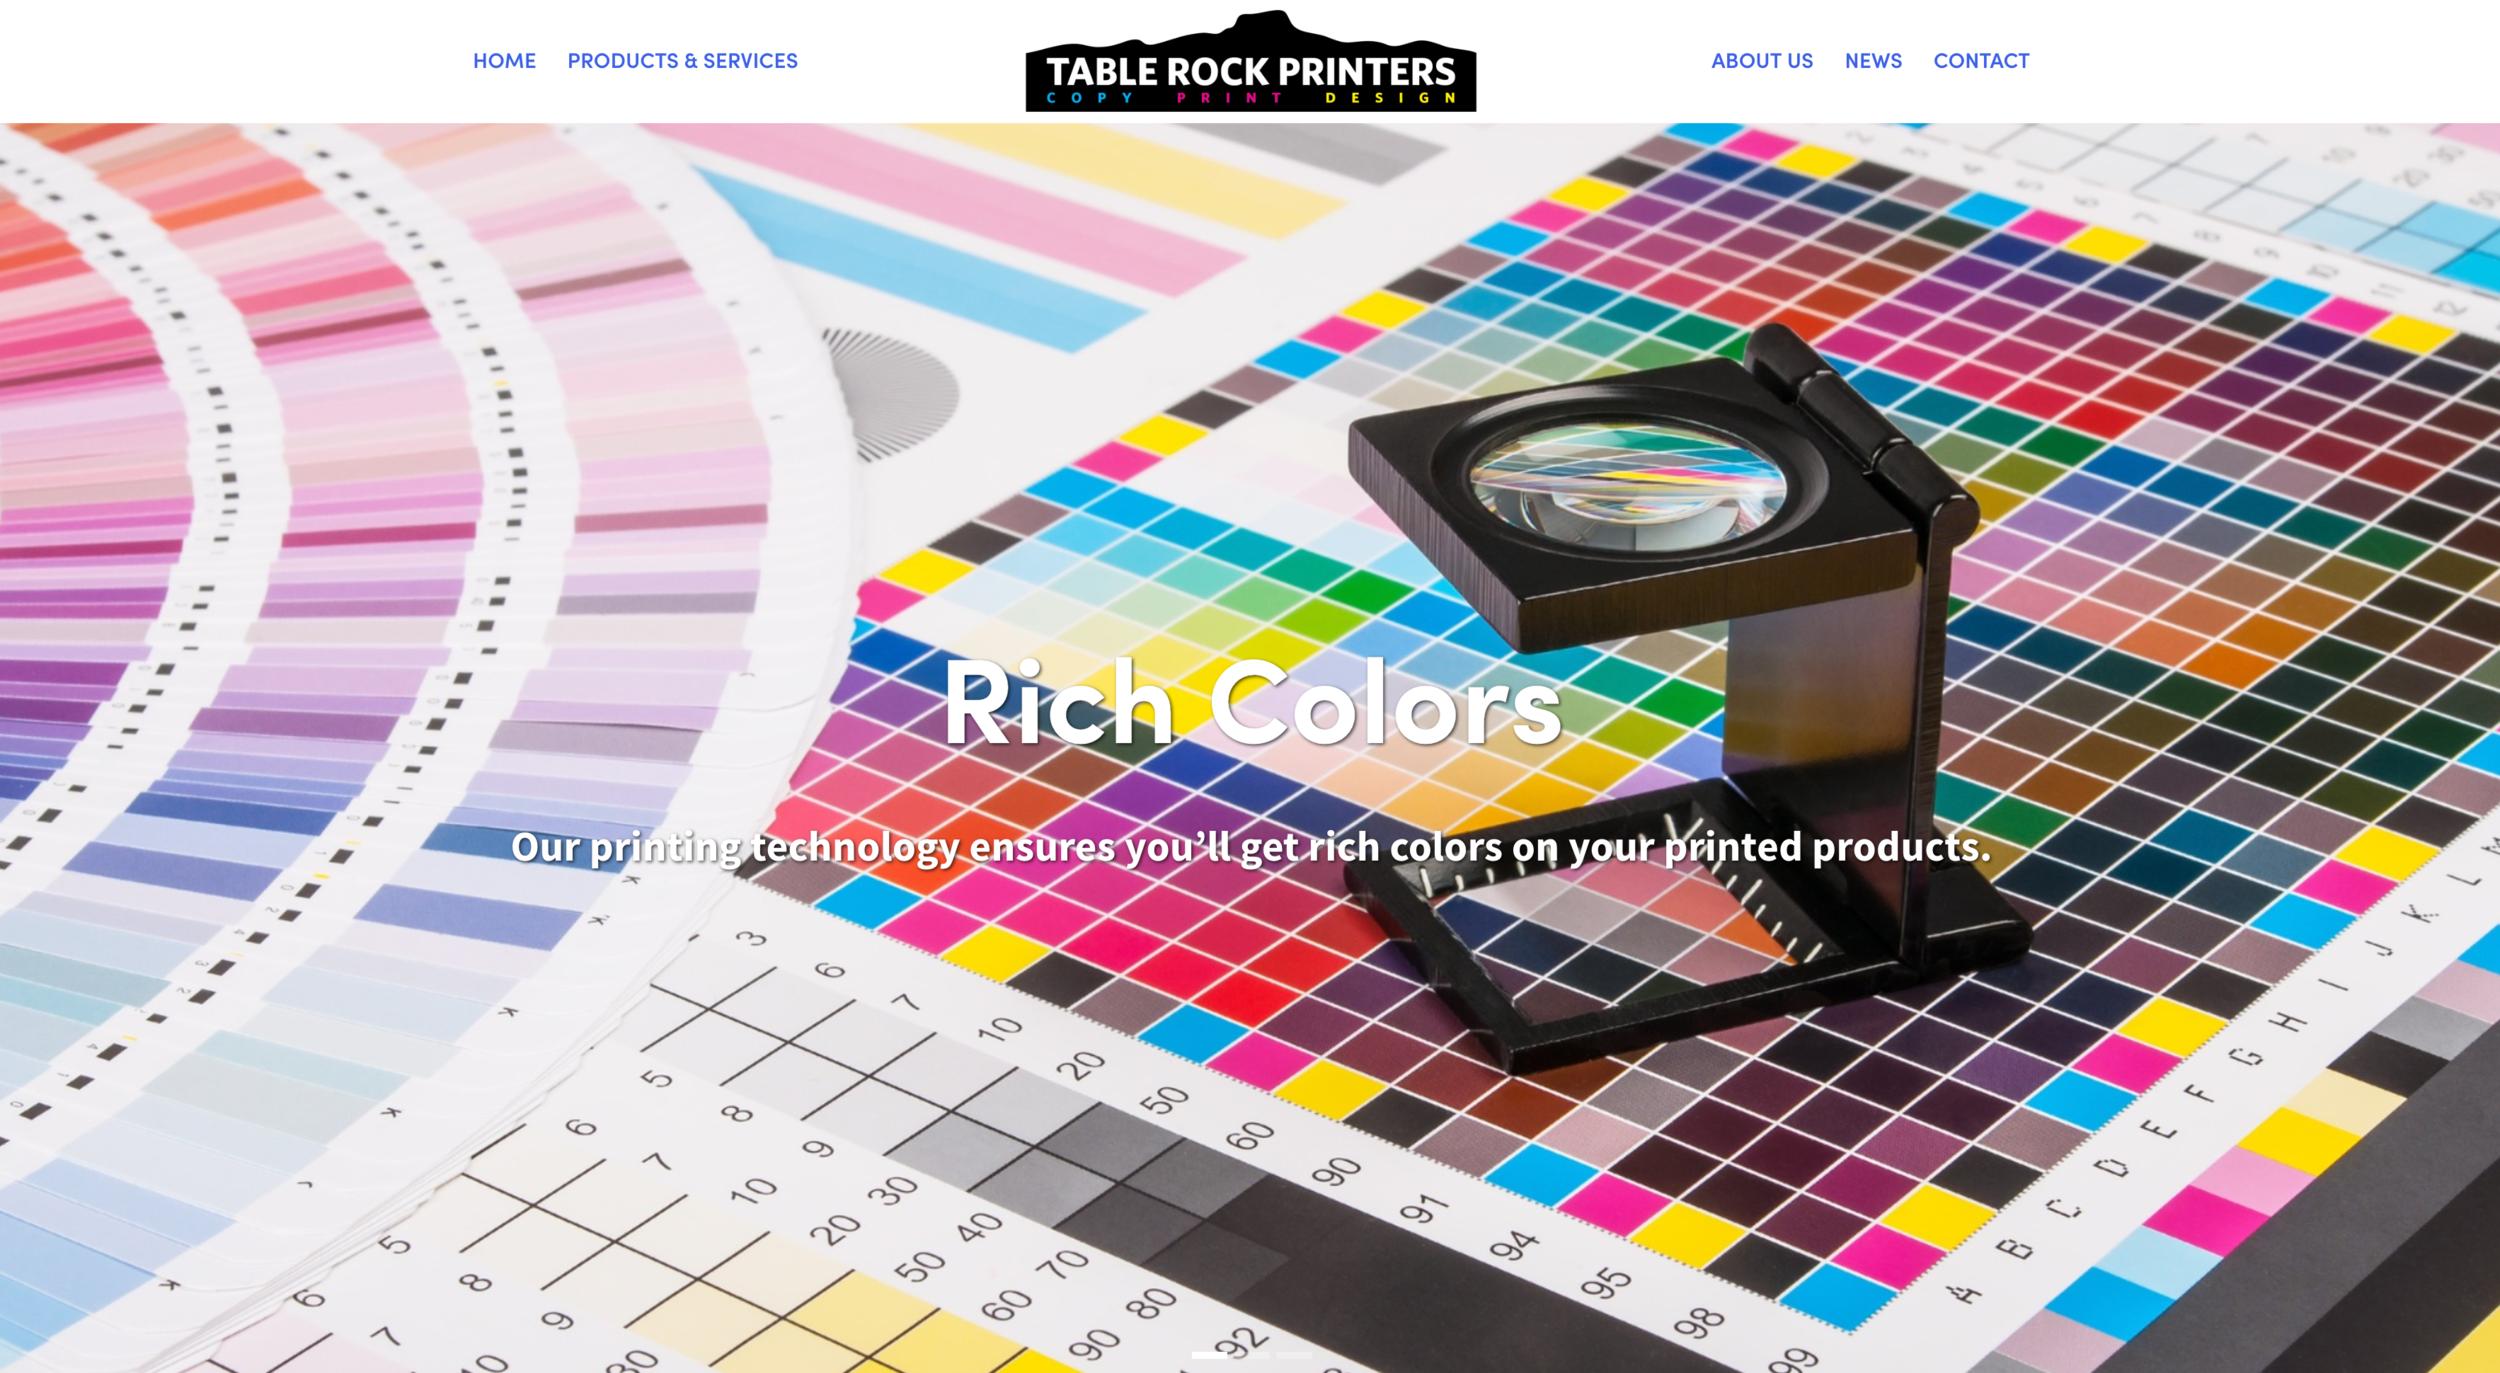 Table Rock Printers new website homepage.